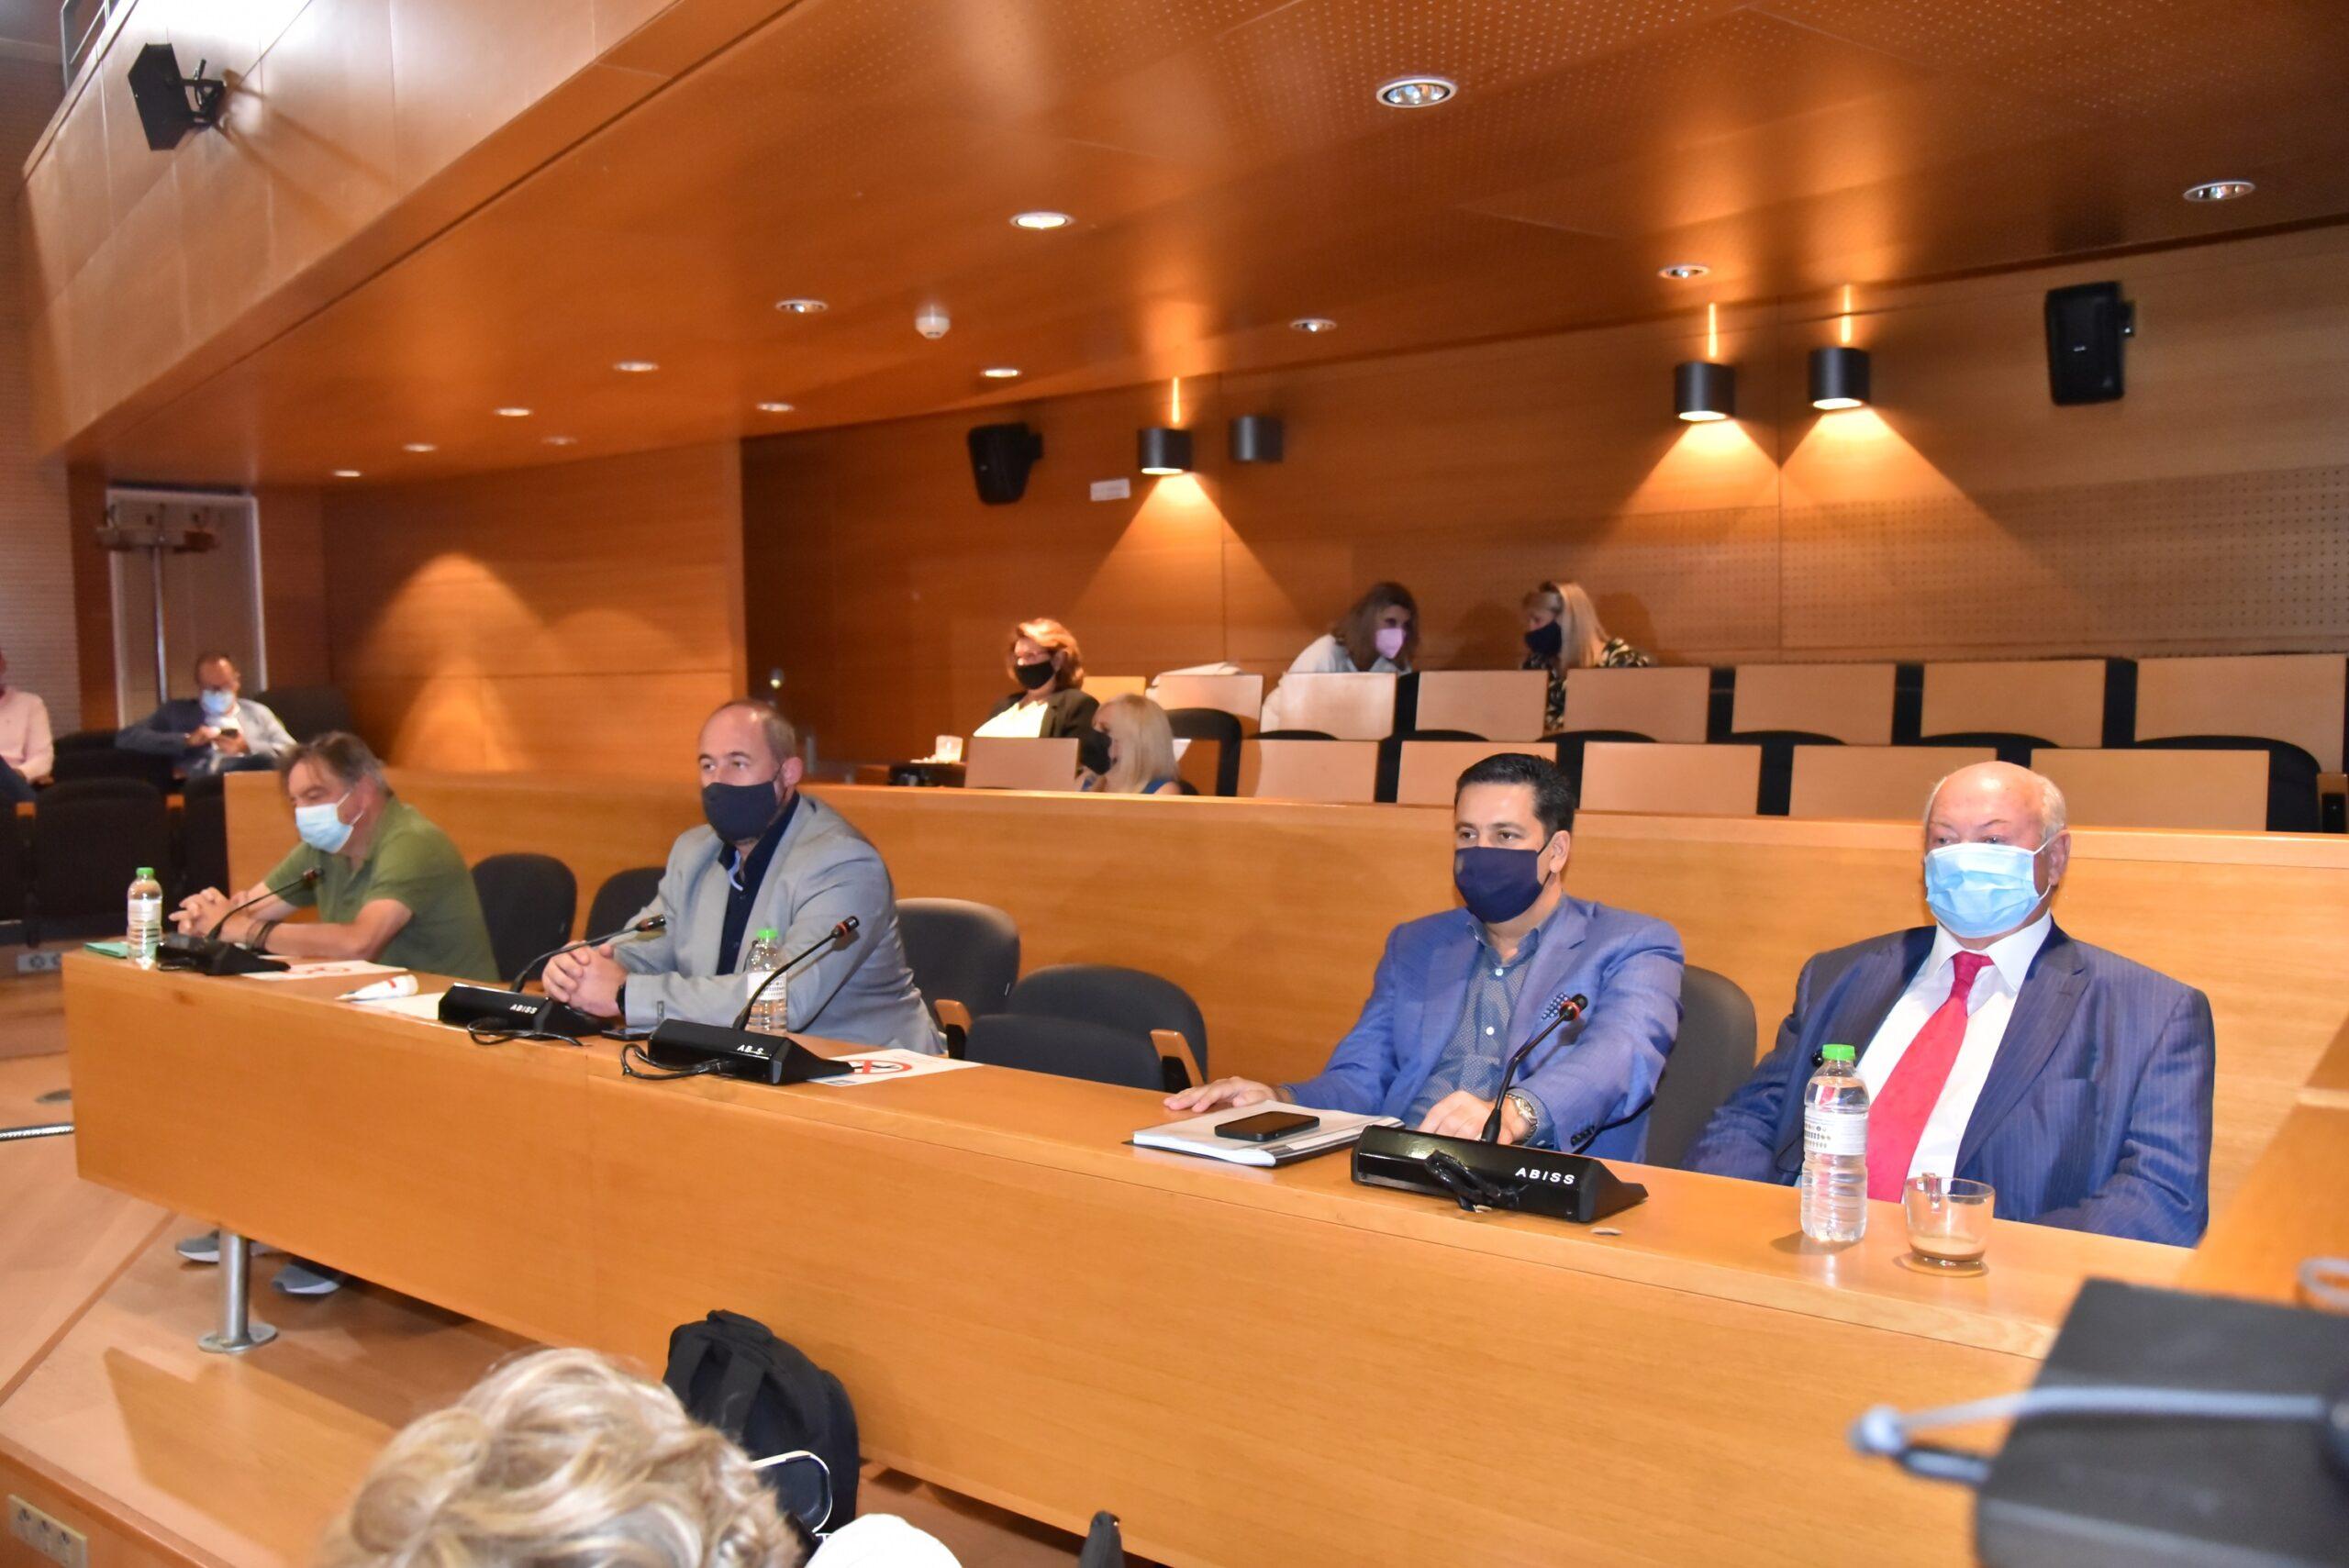 Ο Πρόεδρος της ΠΕΔ ΙΝ Αλέξανδρος Παρίσης στη Θεσσαλονίκη για τη συνεδρίαση της ΚΕΔΕ [εικόνες]